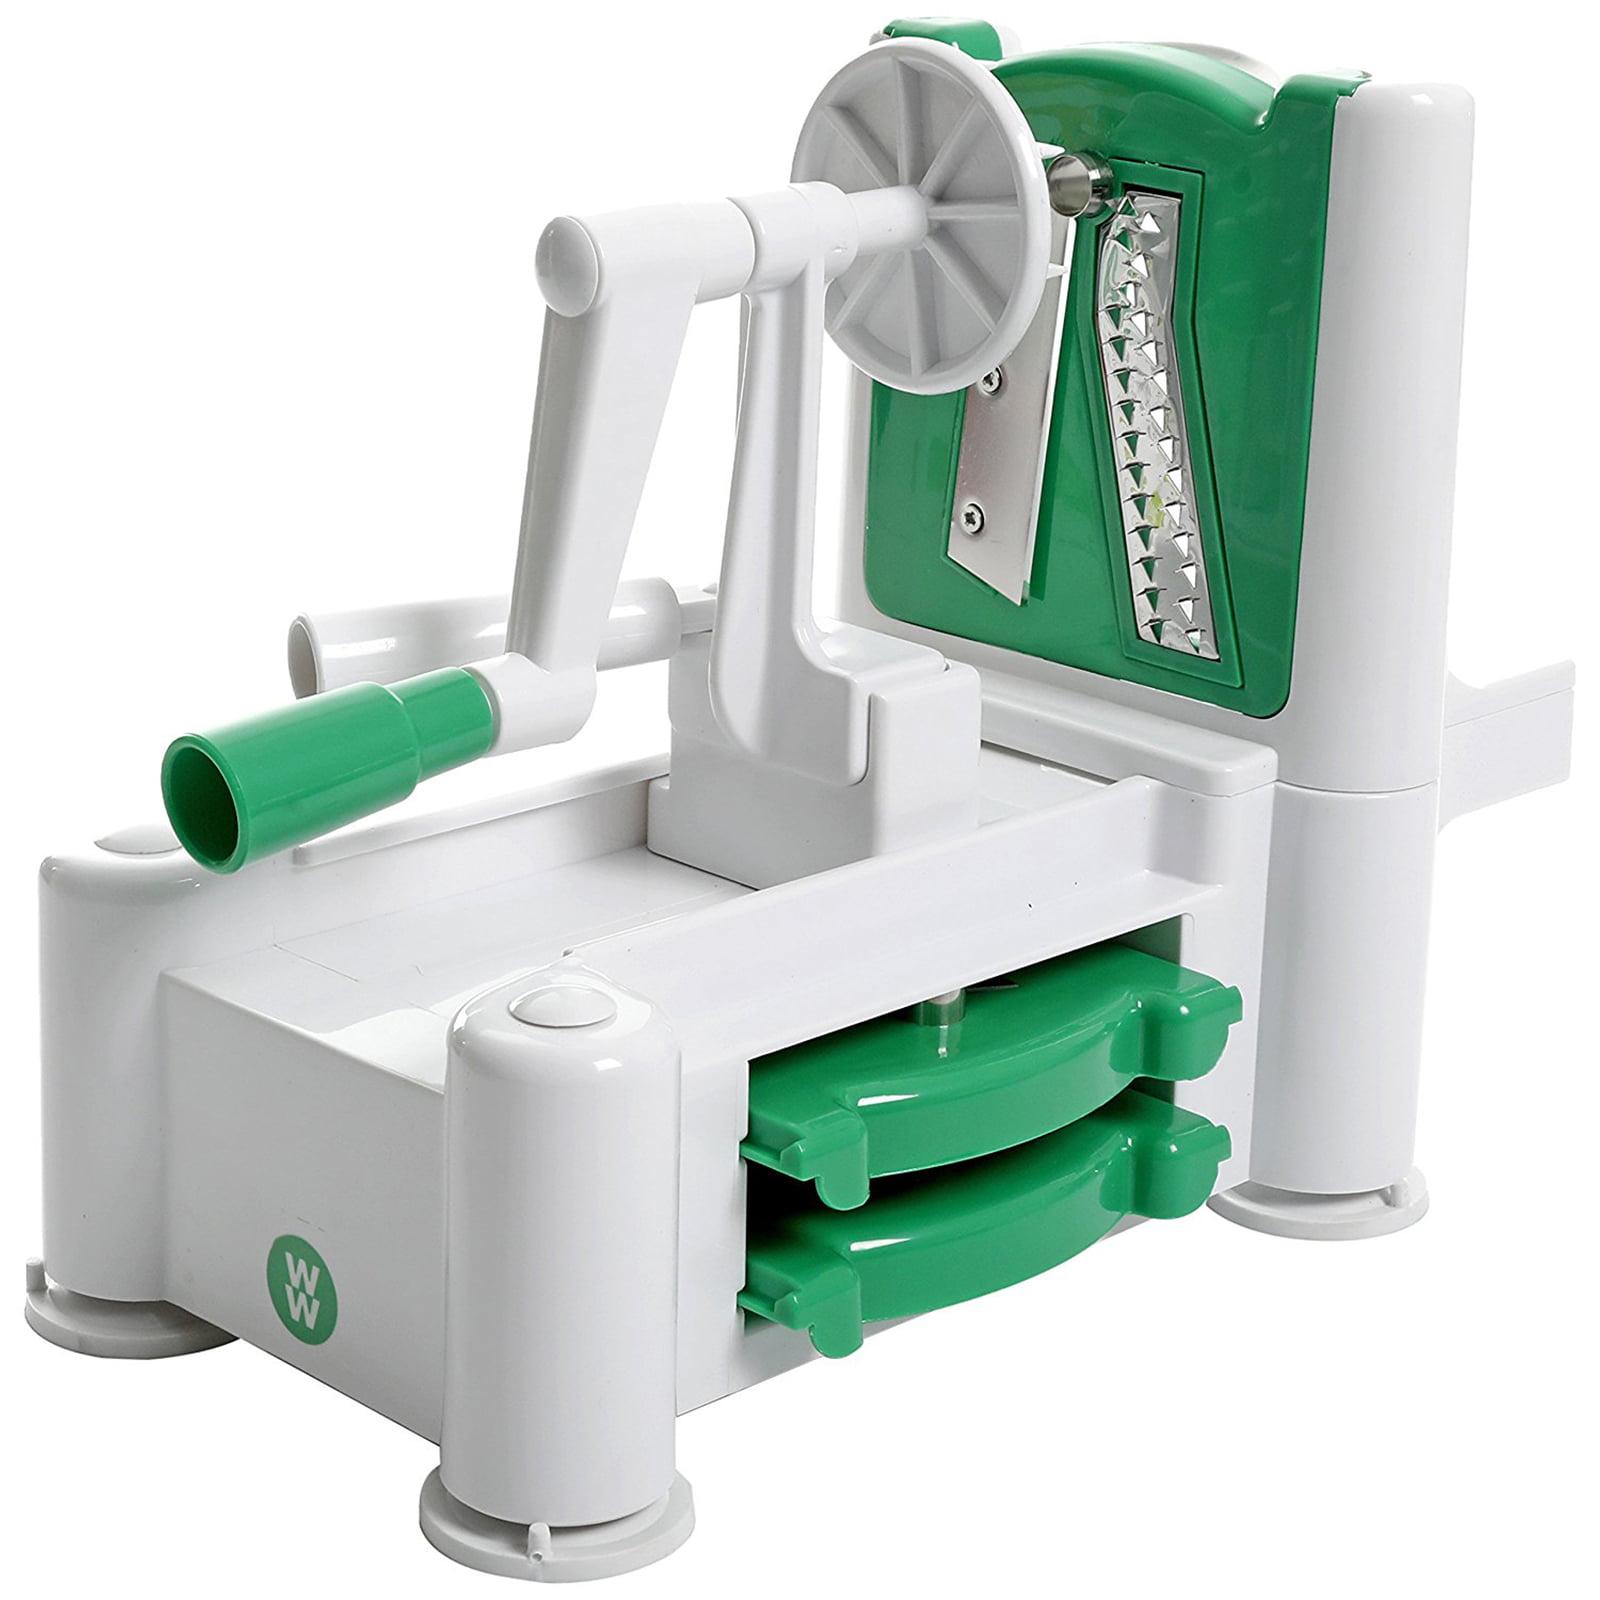 Gibson Weight Watchers Adderley Spiralizer in Green/White